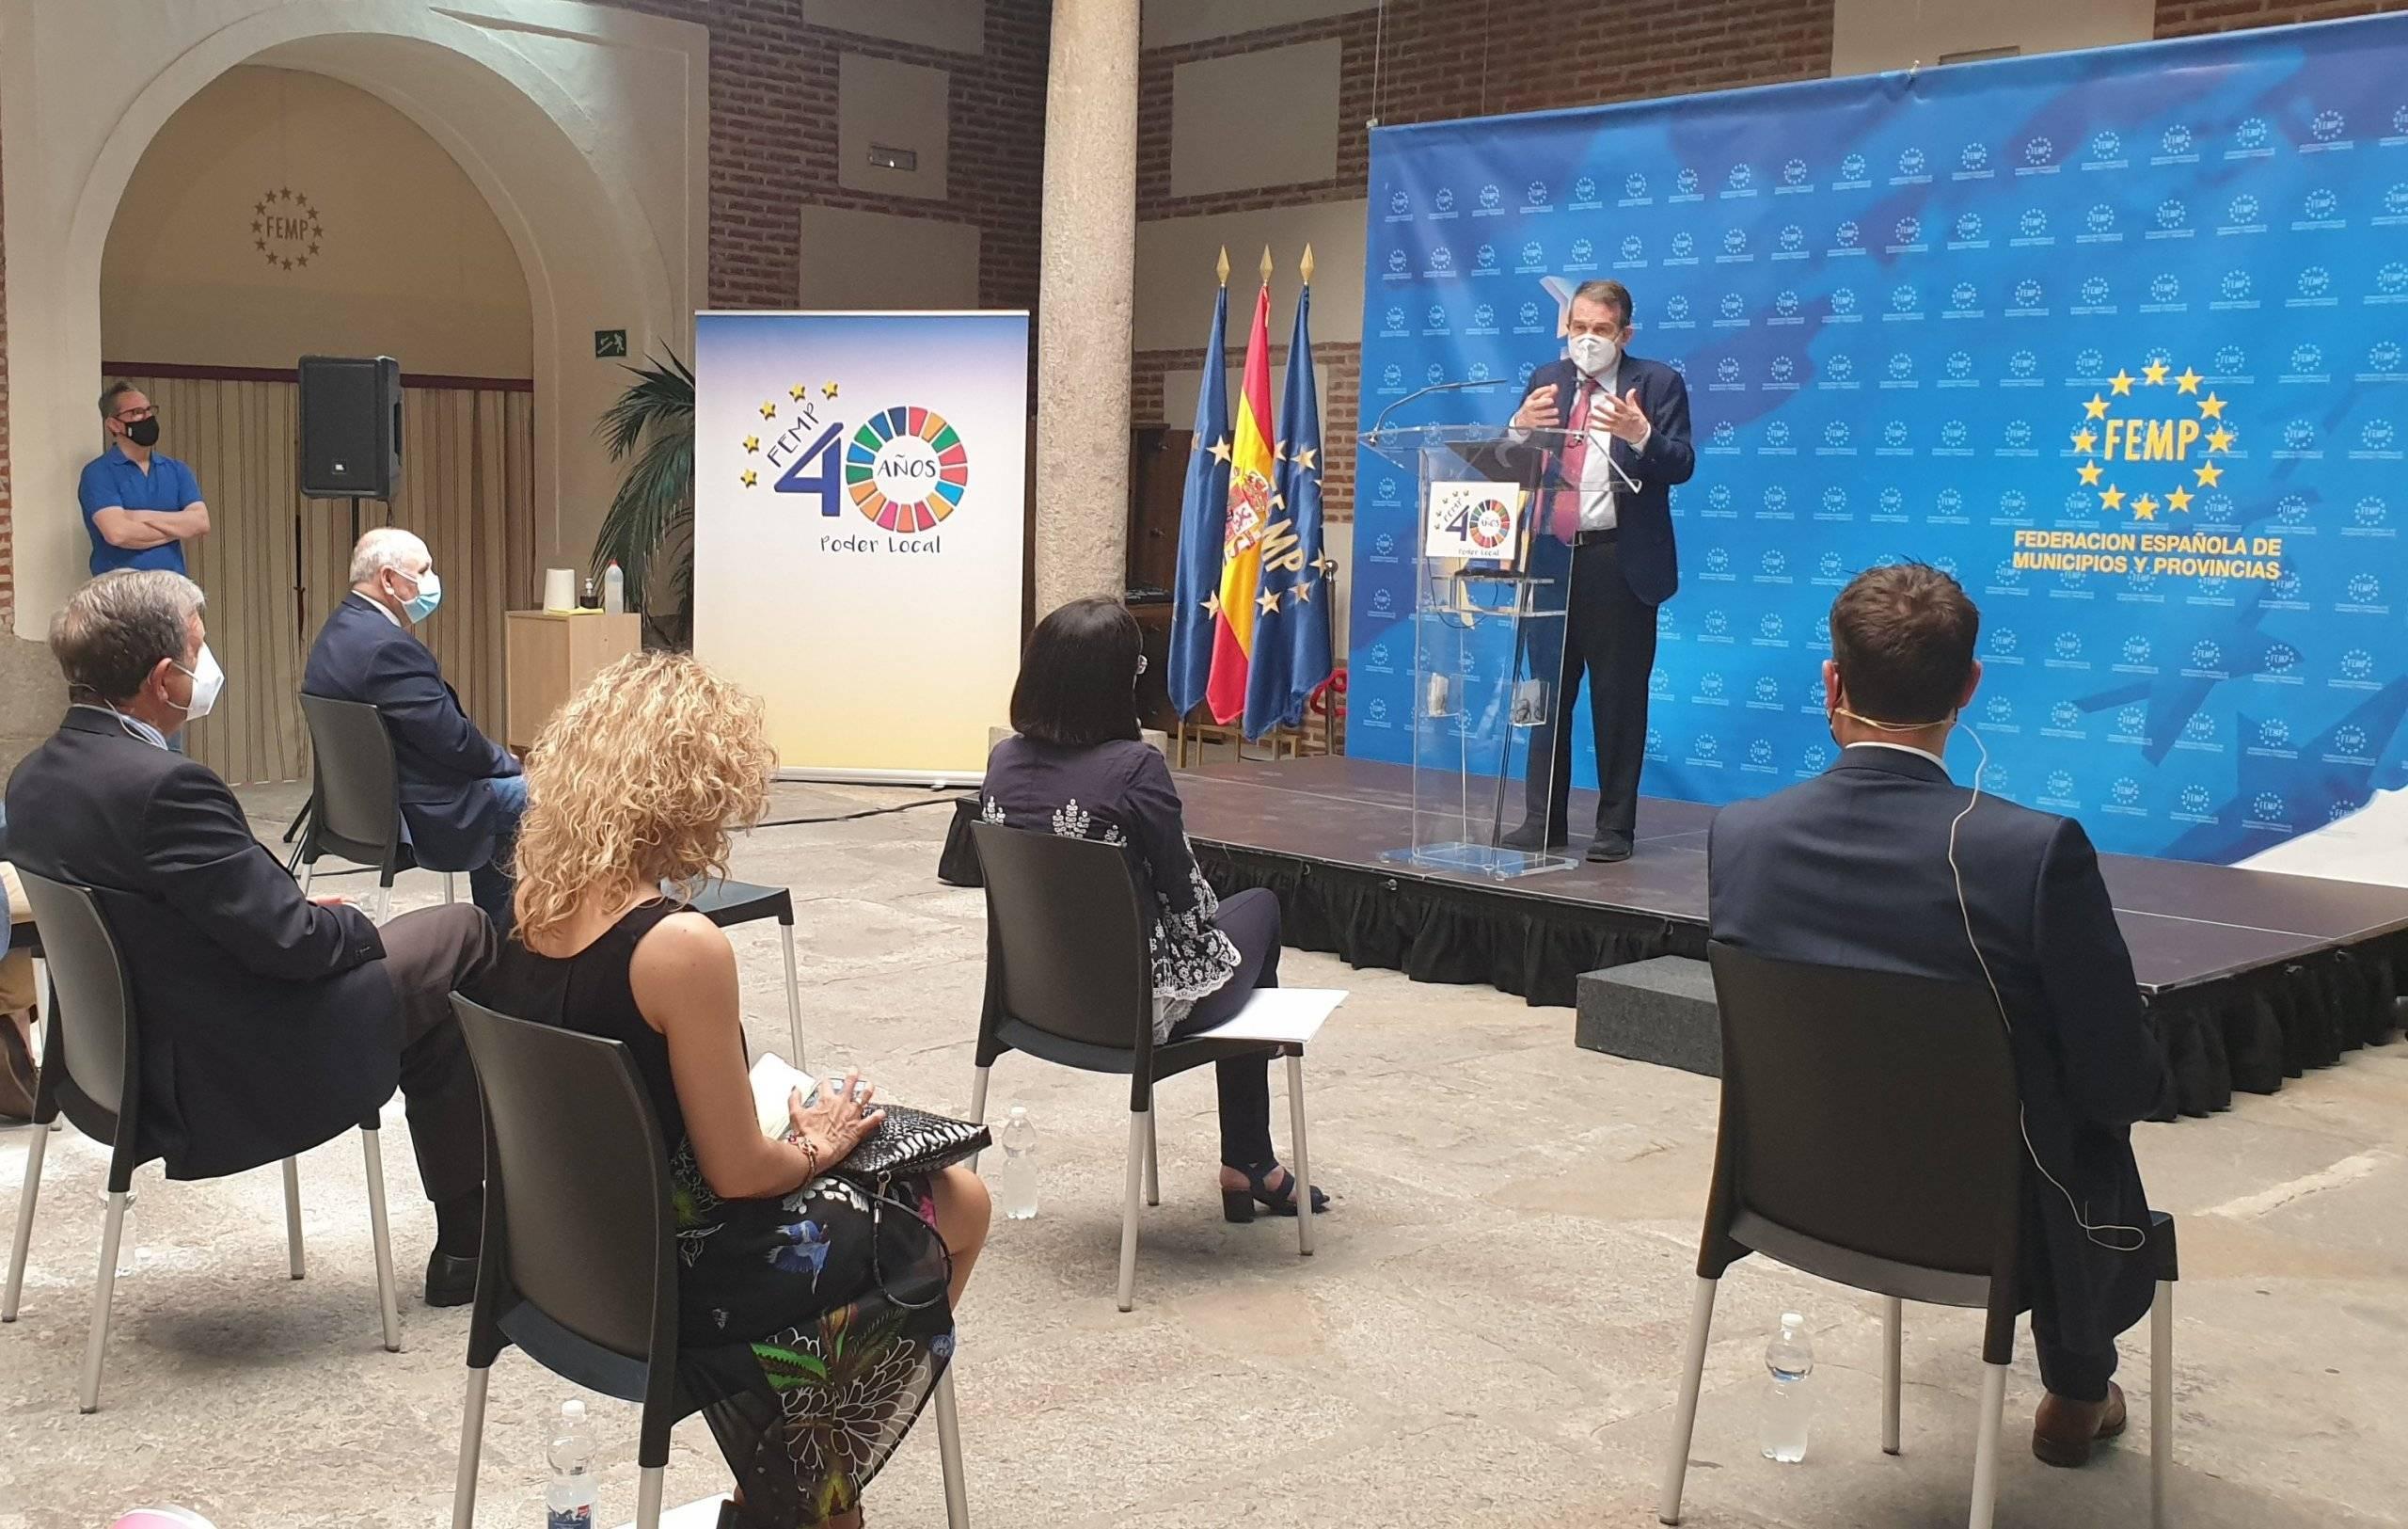 El presidente de la FEMP, Abel Caballero, dirigiendo unas palabras a los asistentes.